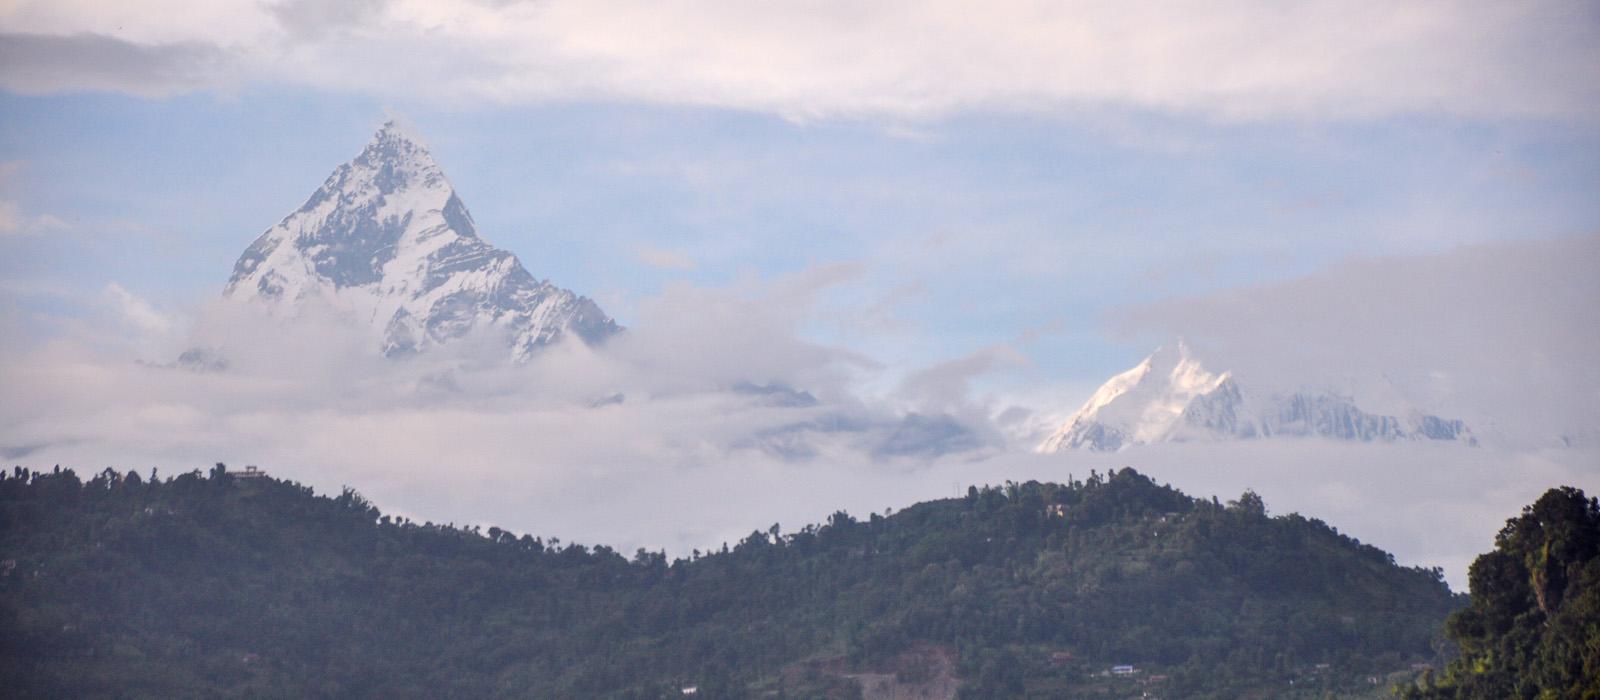 Jaki jest sens himalaizmu zimowego?